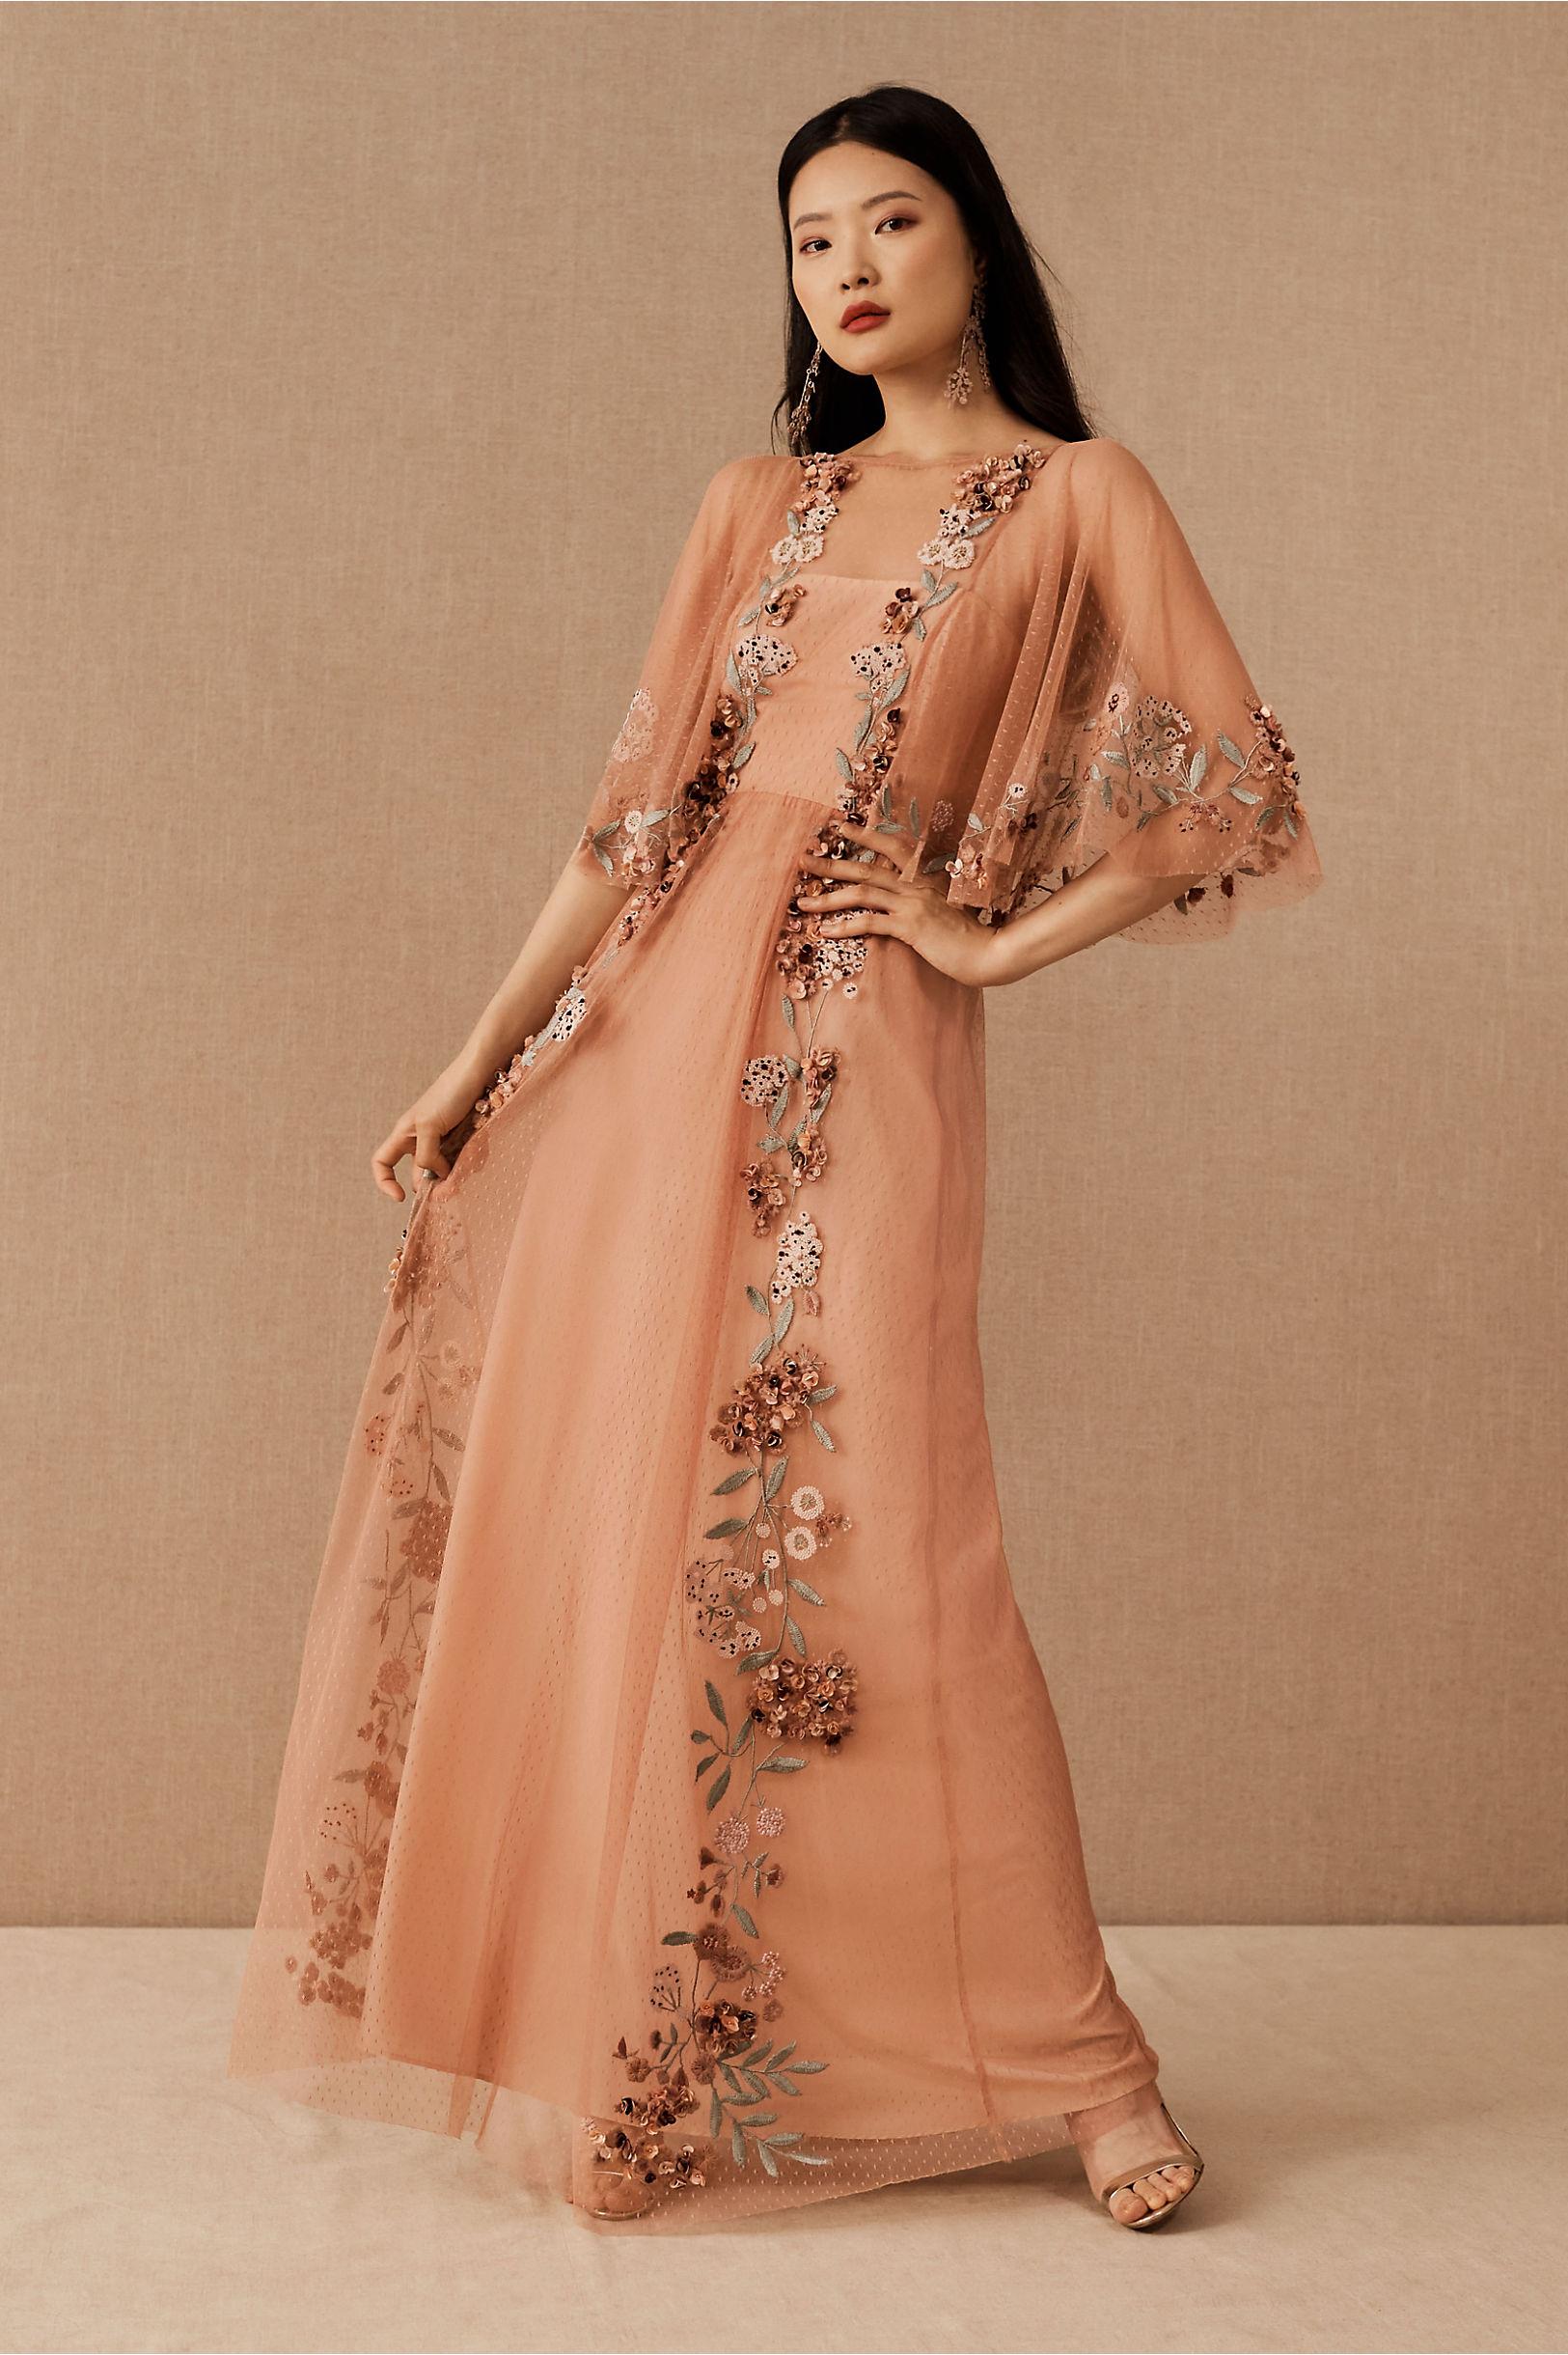 70s Sequin Dresses, Disco Dresses BHLDN Isabela DressSize Guide Video  AT vintagedancer.com